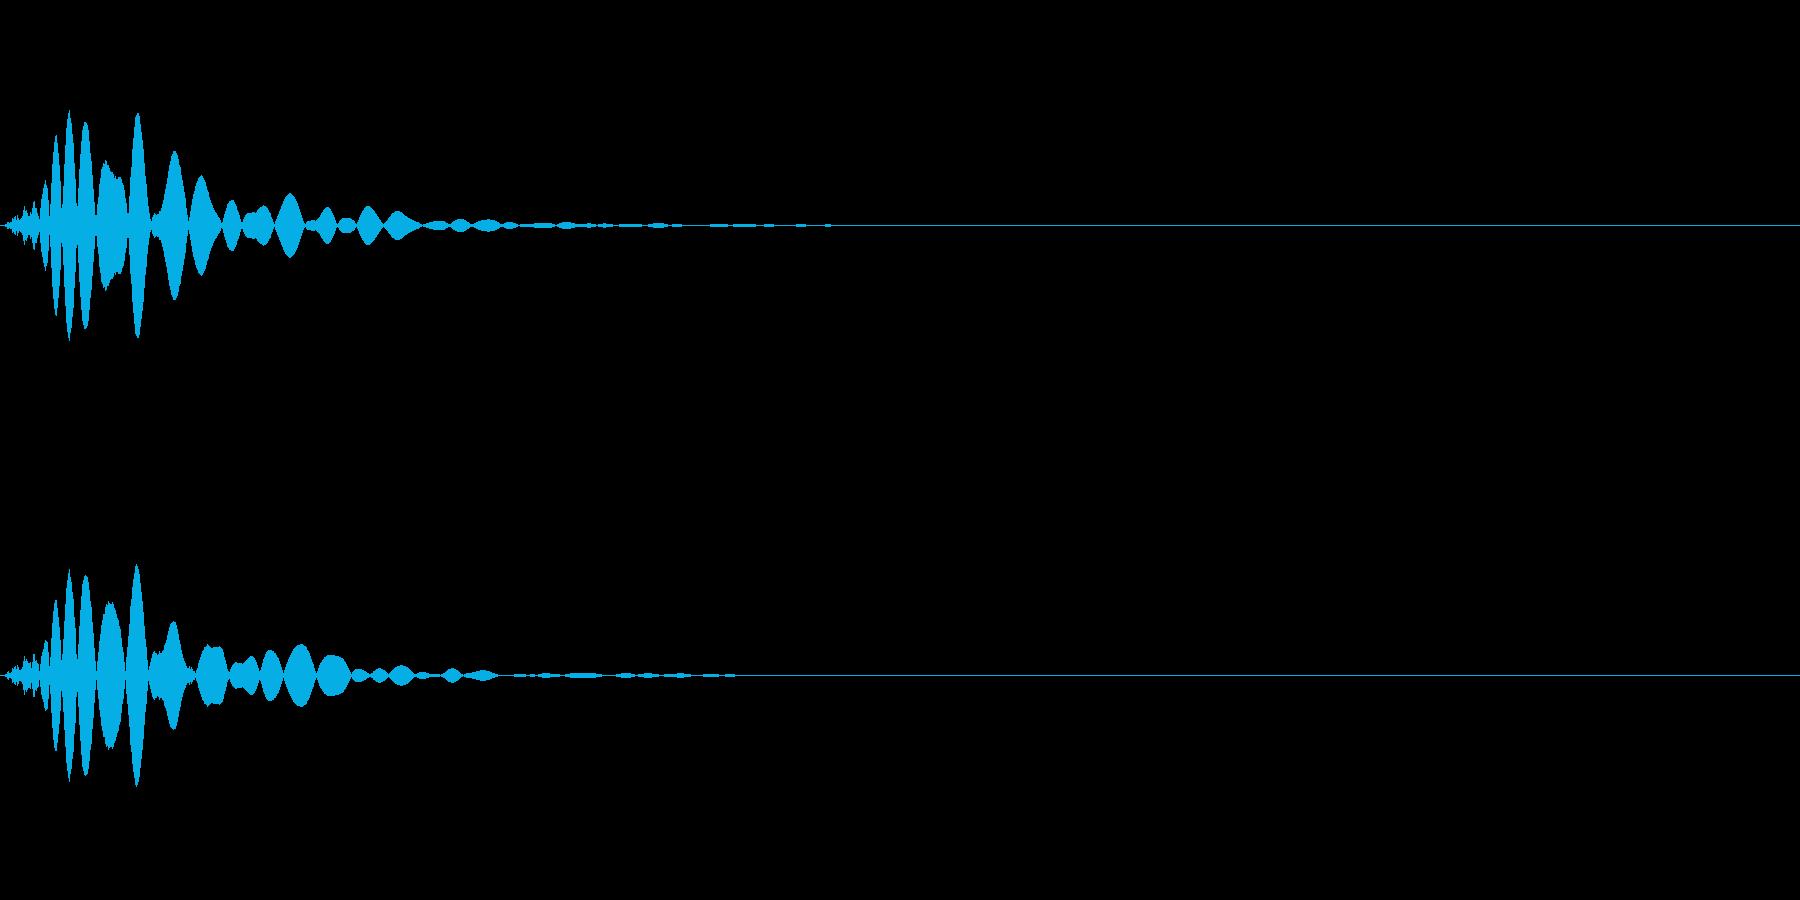 ミックス処理済みキック(単発)_03の再生済みの波形